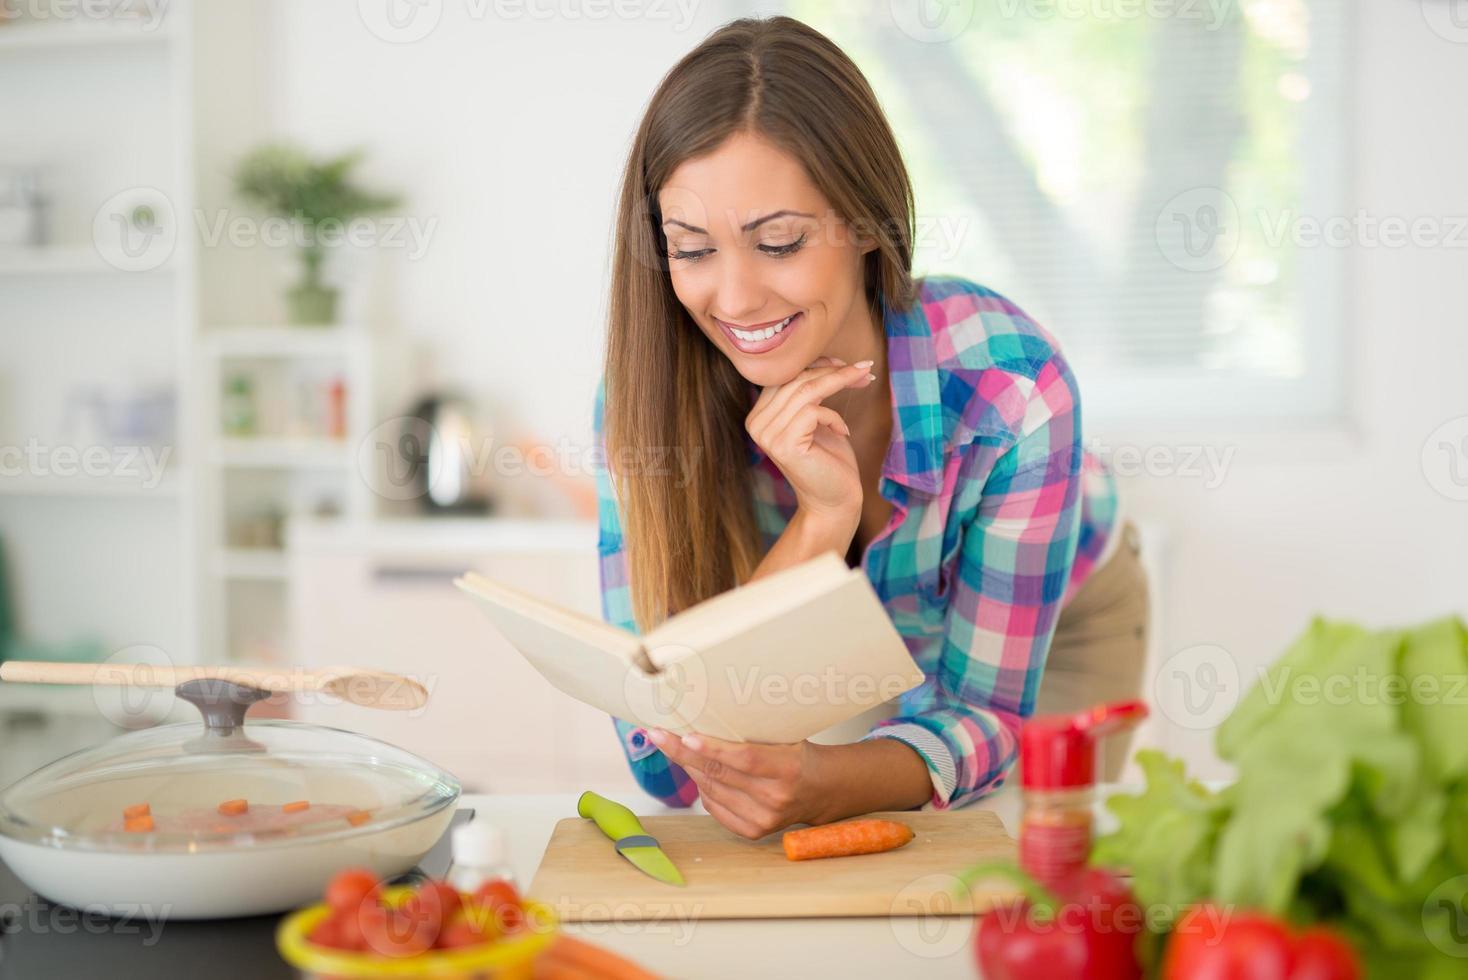 jonge vrouw koken foto